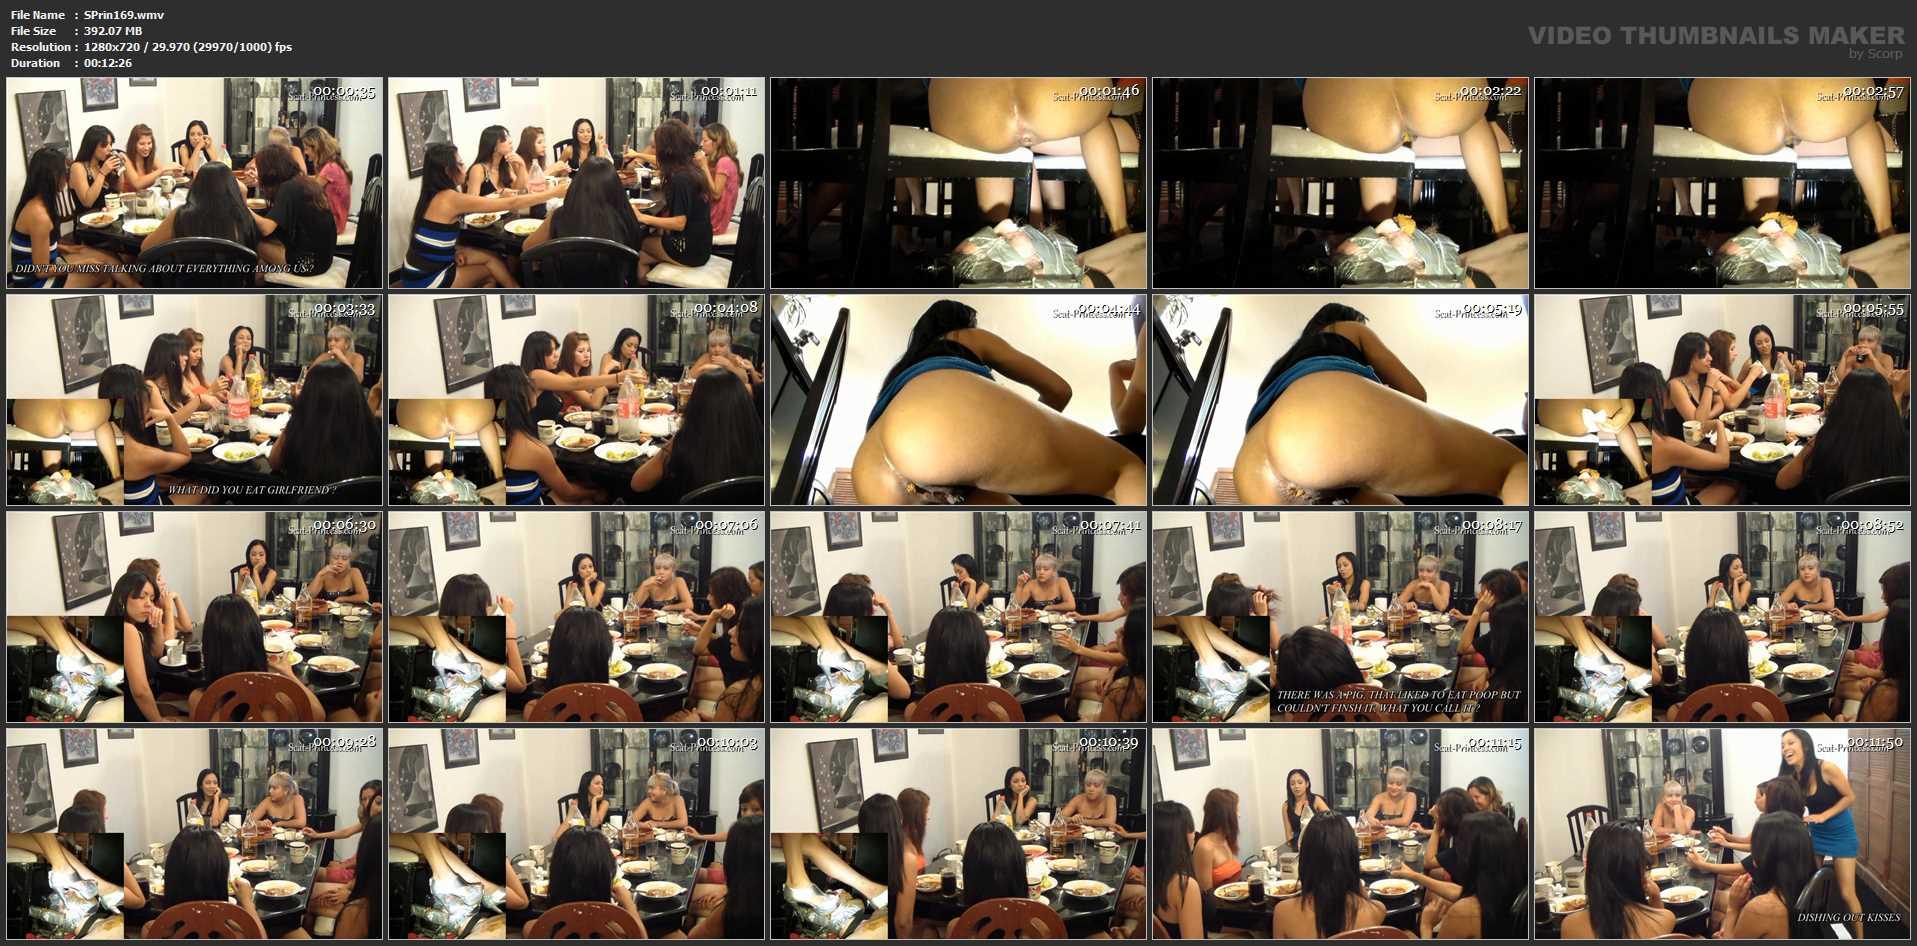 [SCAT-PRINCESS] Slave Test FAILED Part 1 Denise [HD][720p][WMV]